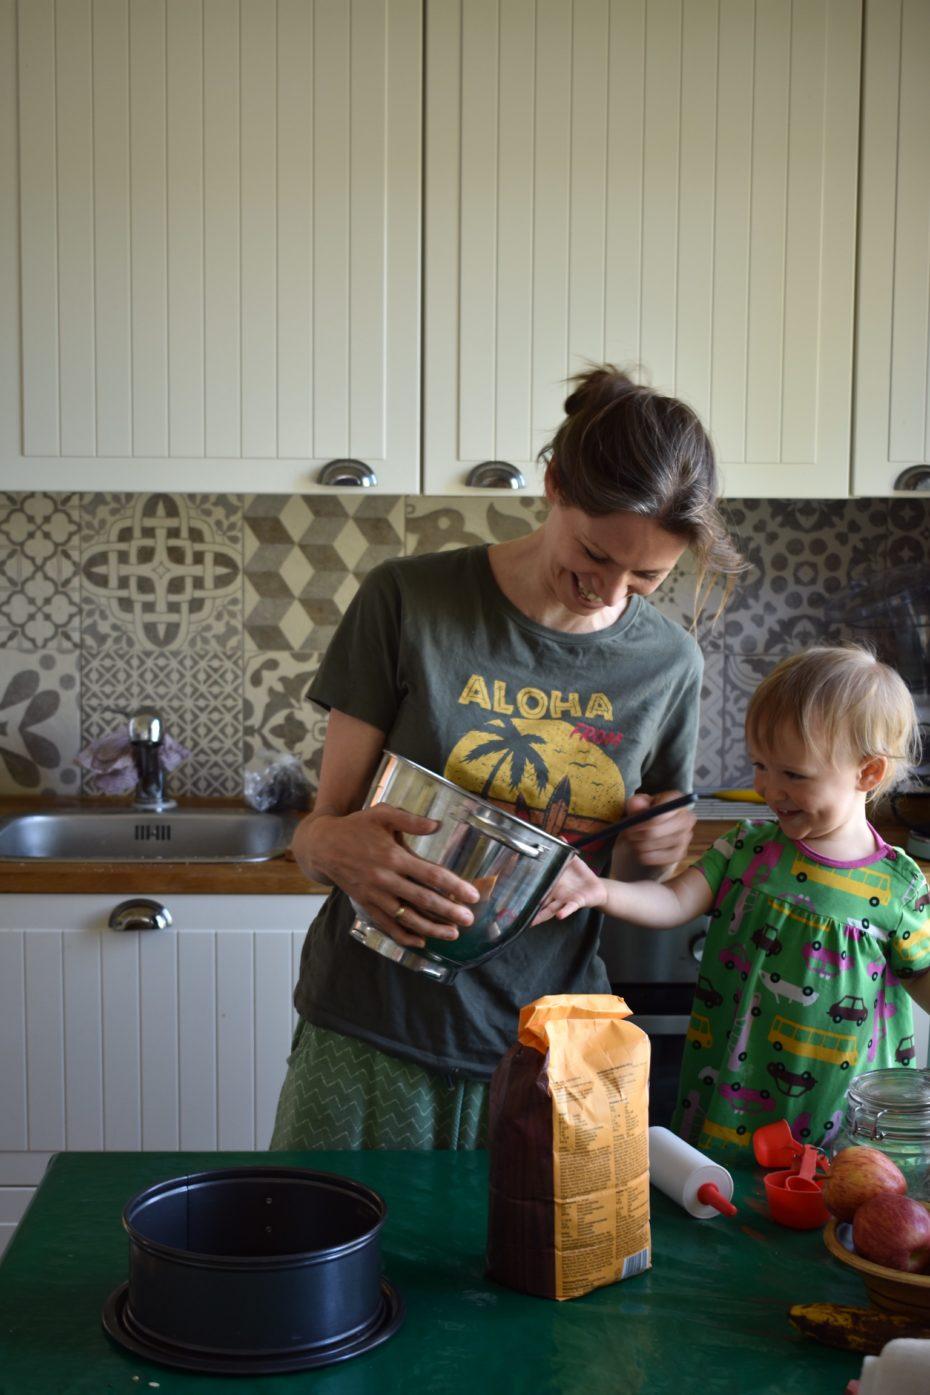 Buchautorin backt mit kleinem Kind